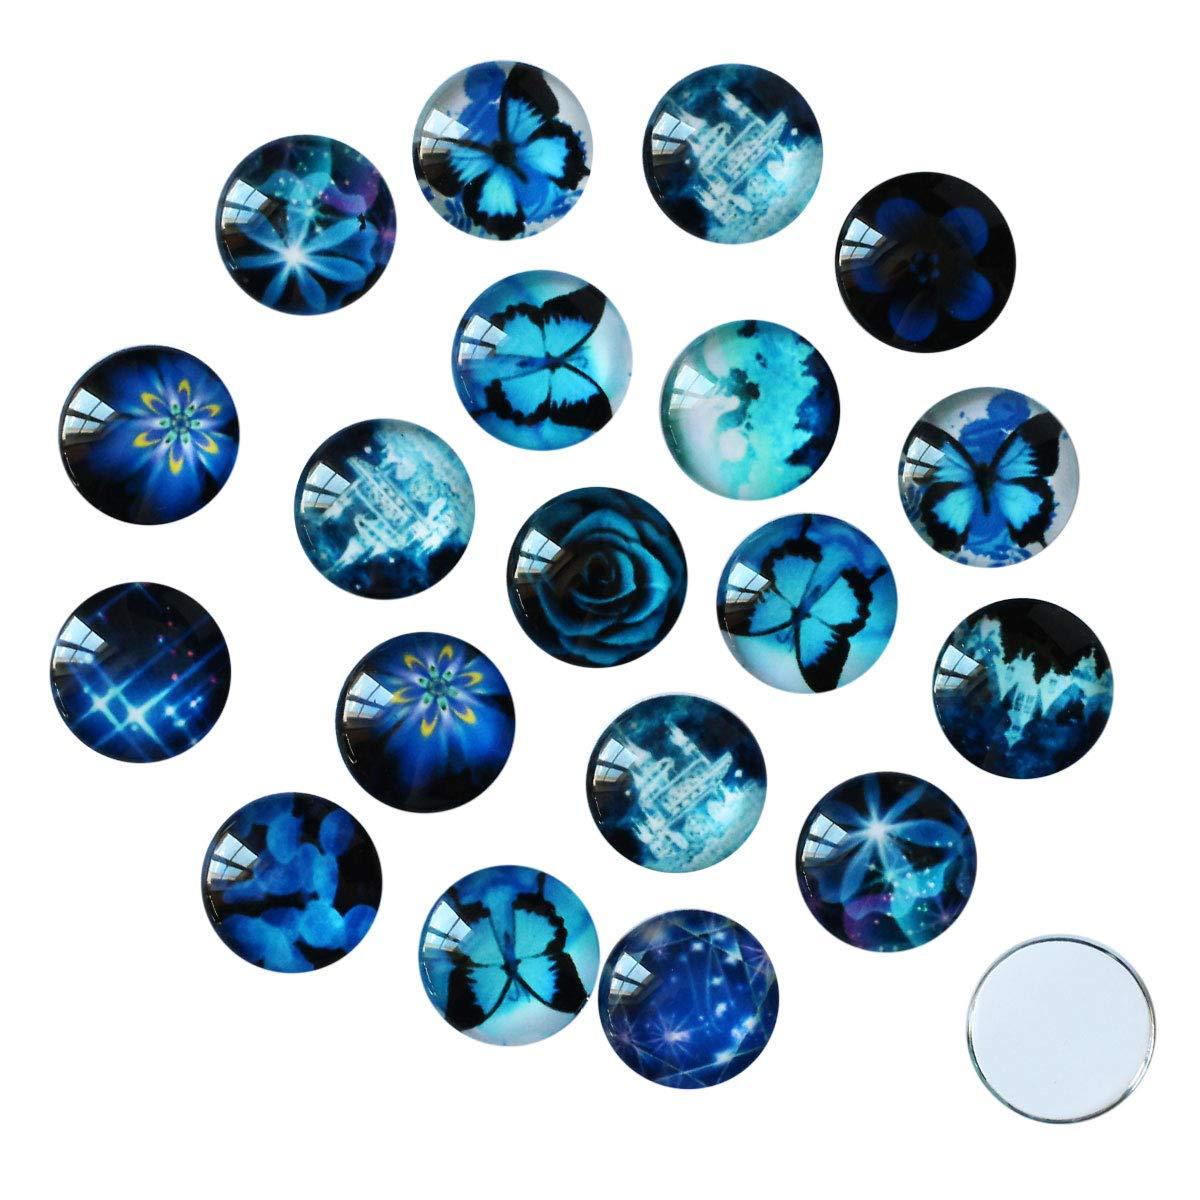 Mix Glas Klebesteine 14mm Cabochon mit Motiven in blau